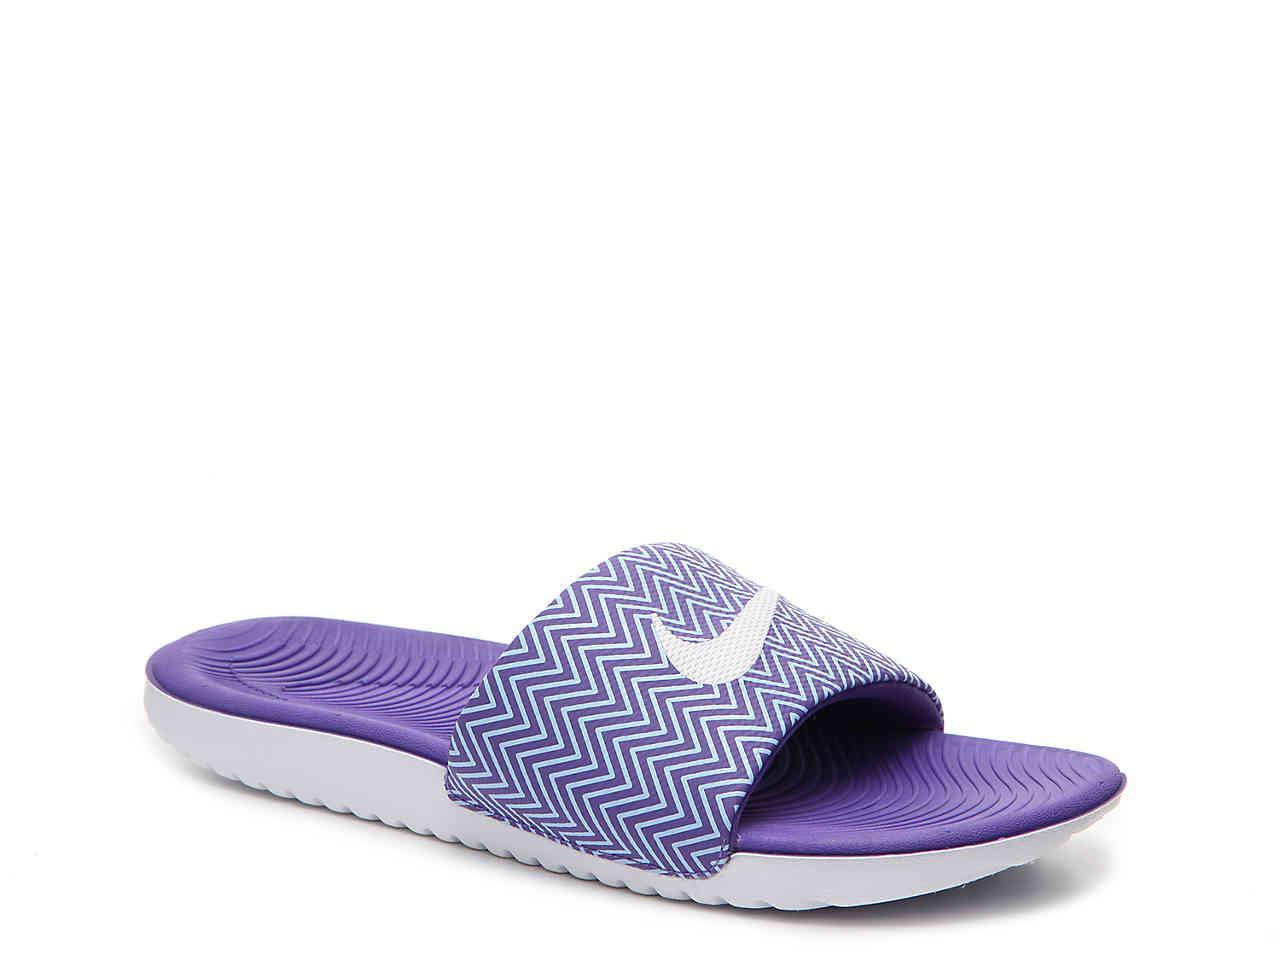 cadc74b0fe9a Lyst - Nike Kawa Print Slide Sandal in Purple